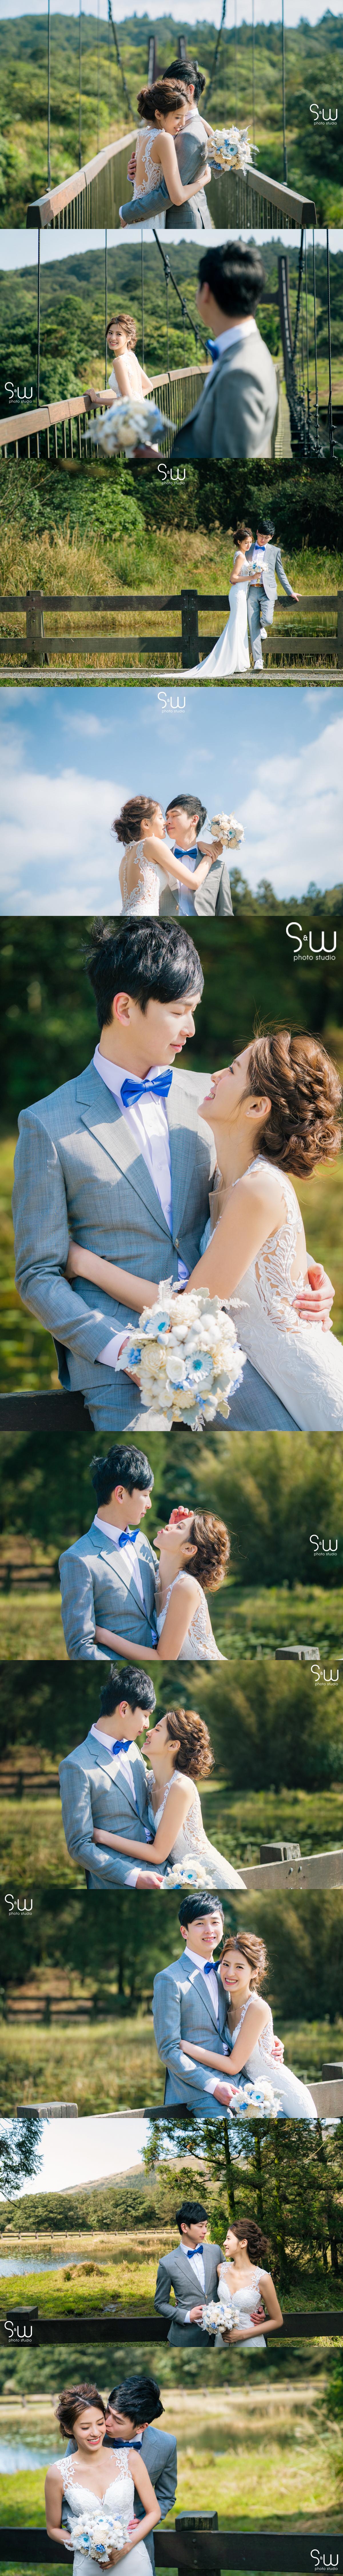 婚紗攝影,陽明山,實踐大學,南機場,台北婚紗